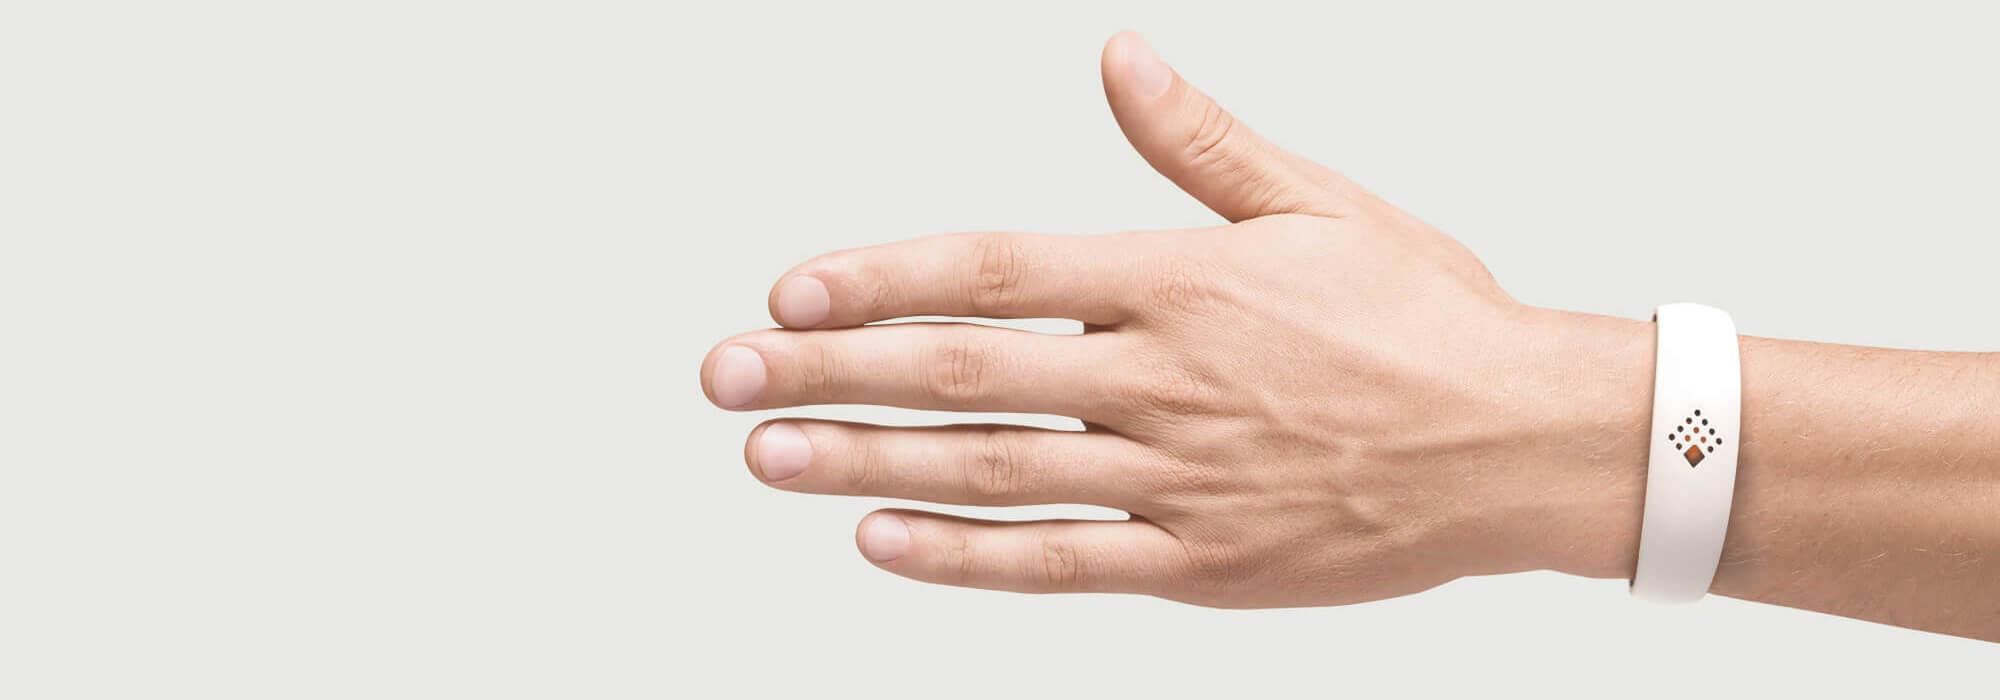 Balta AMBRIO aproce uz vīrieša rokas